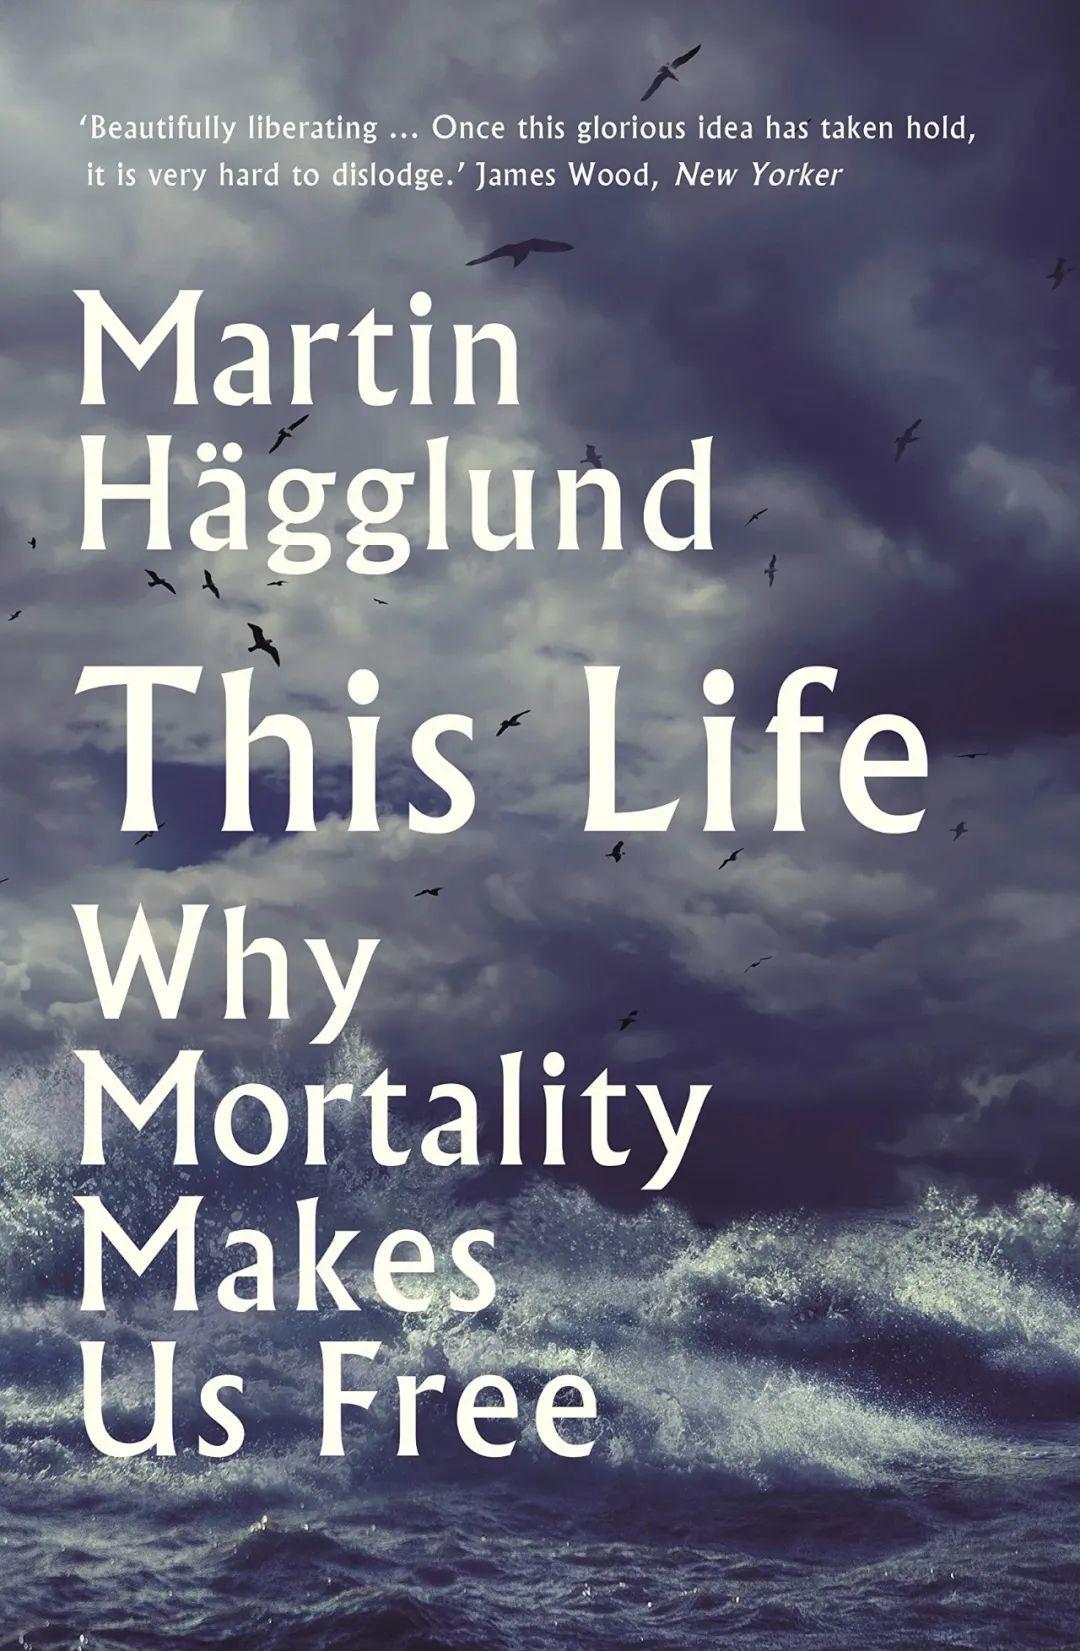 哲学重磅,美国人的治愈系?耶鲁学者海格隆德谈宗教和资本主义